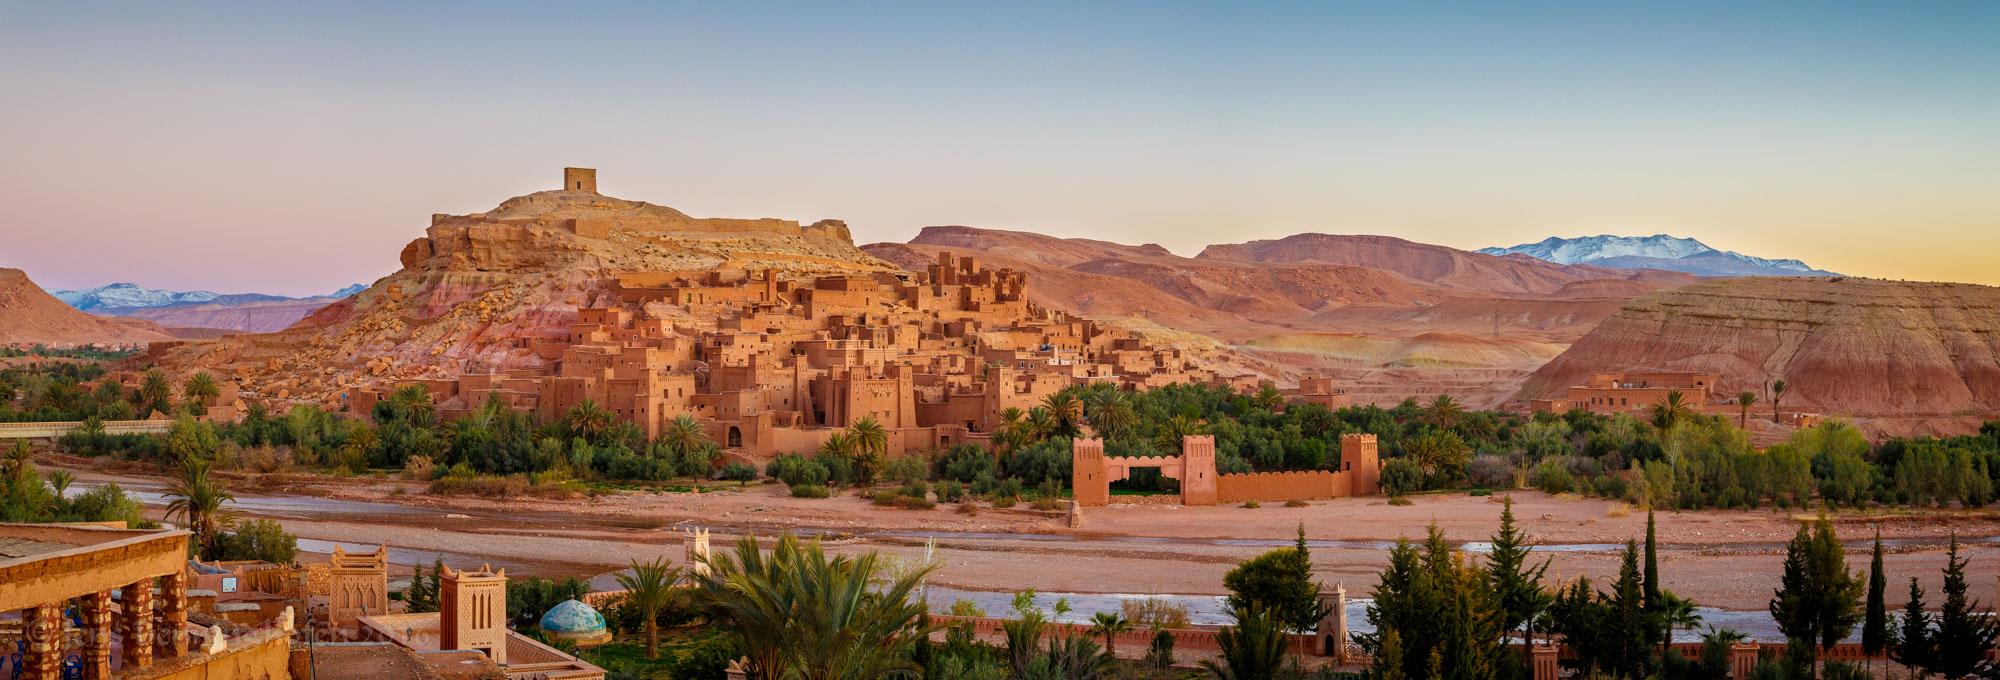 20160224_Marokko_0002-2-Pano